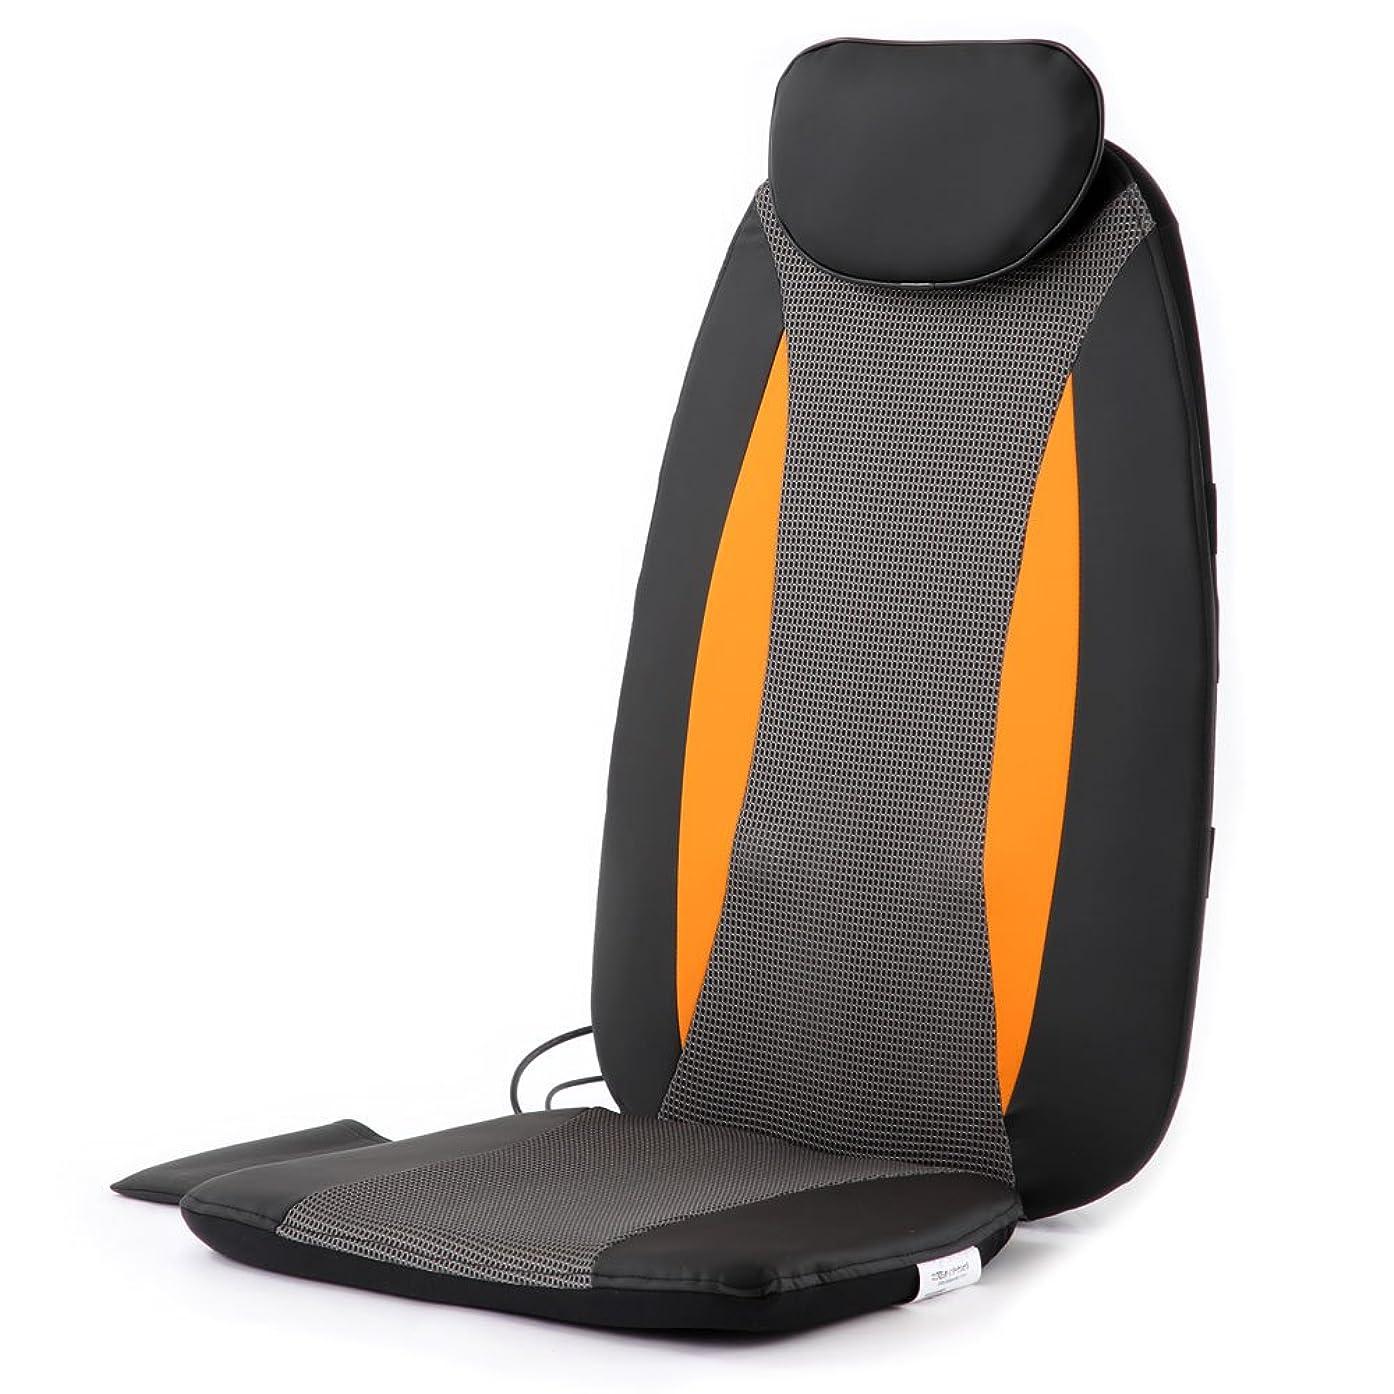 ラビリンス縁石オープニングぼん家具 マッサージチェア 椅子に置くだけ シートマッサージャー タイマー 折りたたみ 持ち運び可能